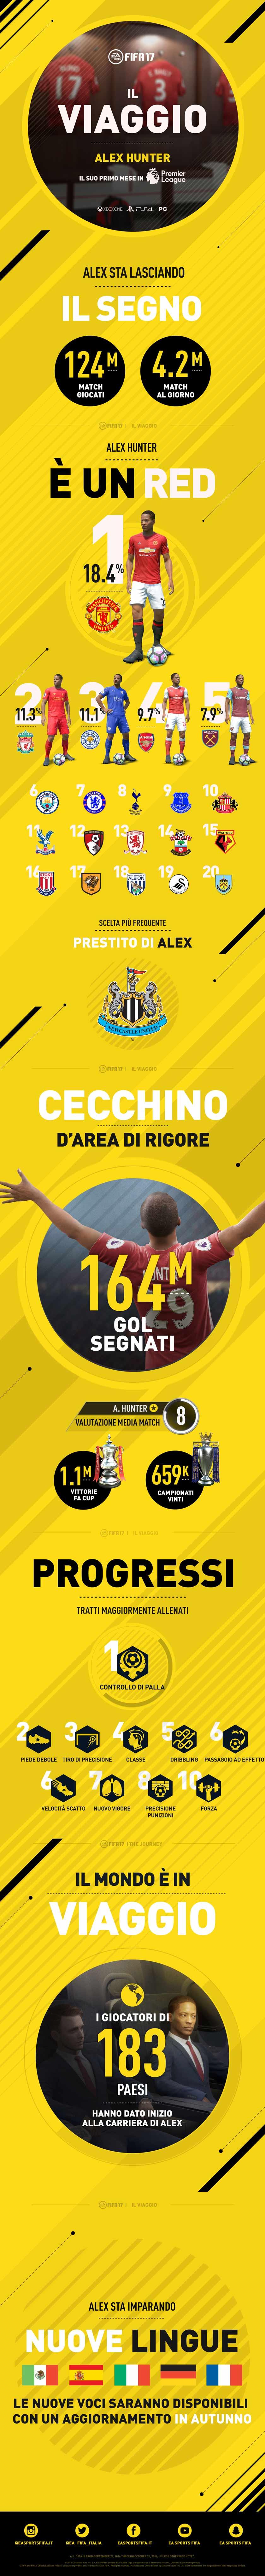 fifa-17-alex_hunter_infografica-gamesoul